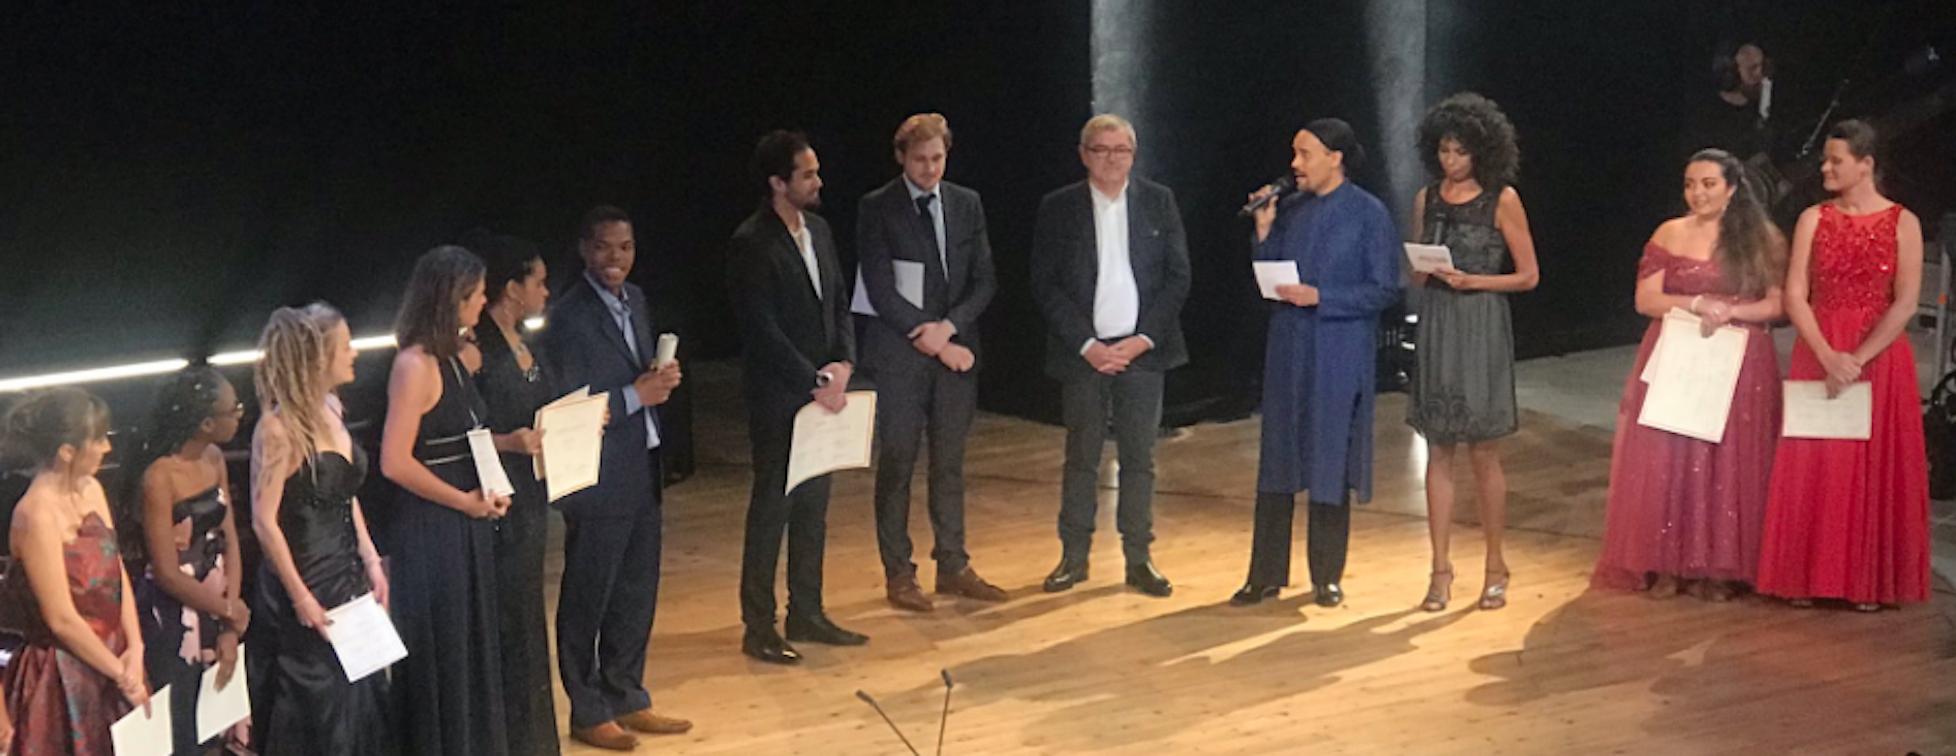 La Réunion à l'honneur du concours Voix des Outre-Mer à l'Opéra Bastille